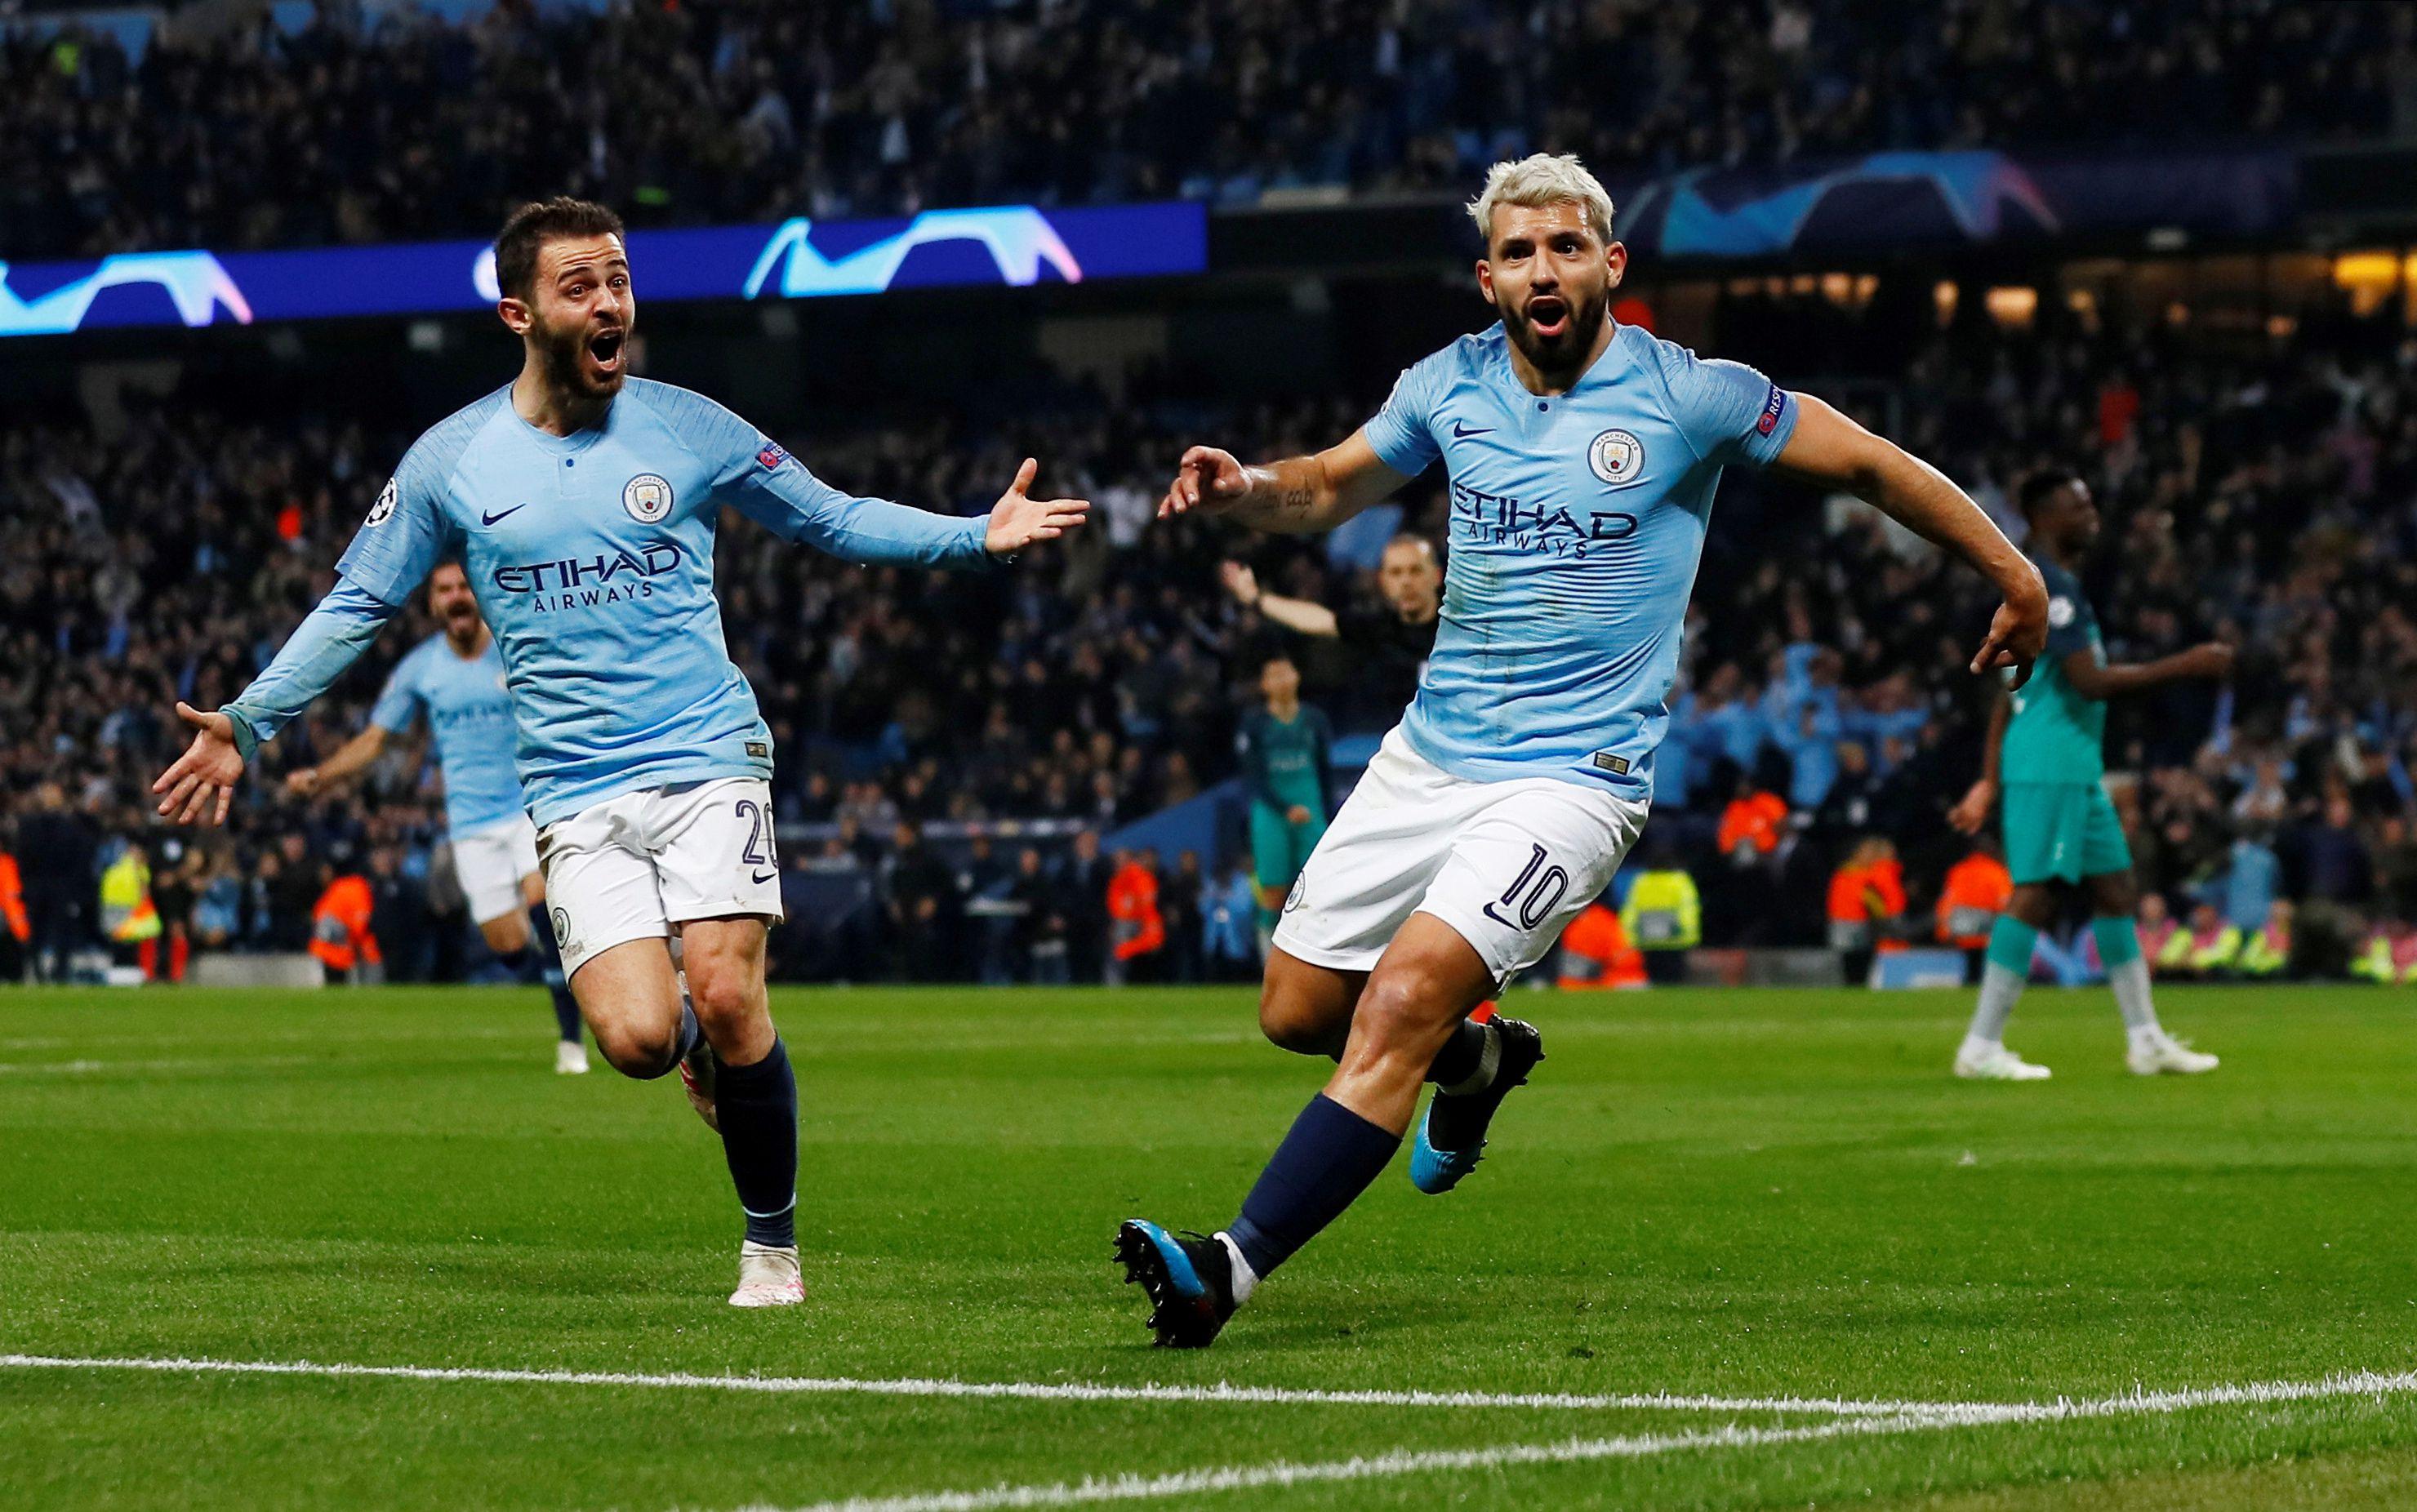 El Kun Agüero es una de las principales figuras del Manchester City (Reuters/Jason Cairnduff/File Photo)